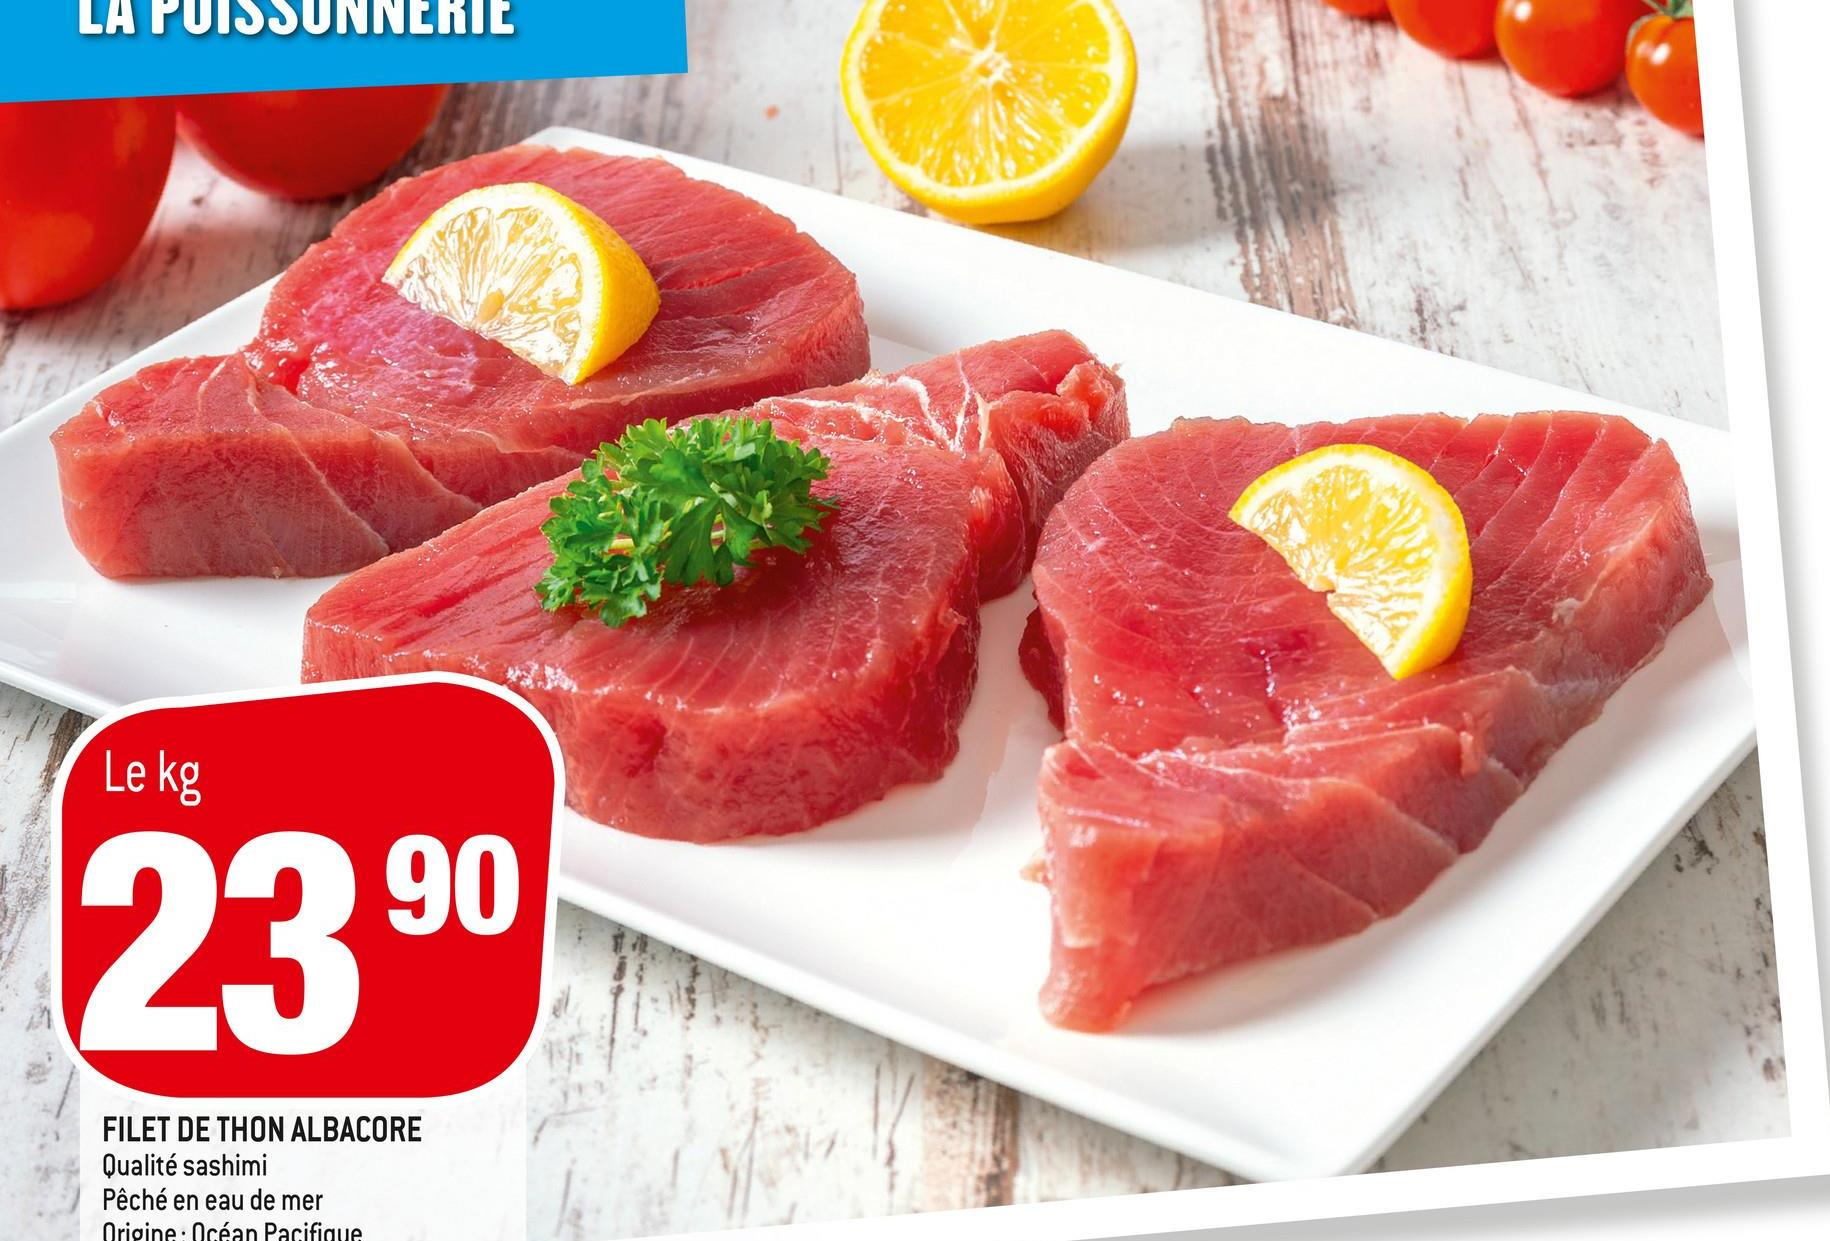 LA PUISSUNNERIE Le kg 2390 FILET DE THON ALBACORE Qualité sashimi Pêché en eau de mer Origine: Océan Pacifique